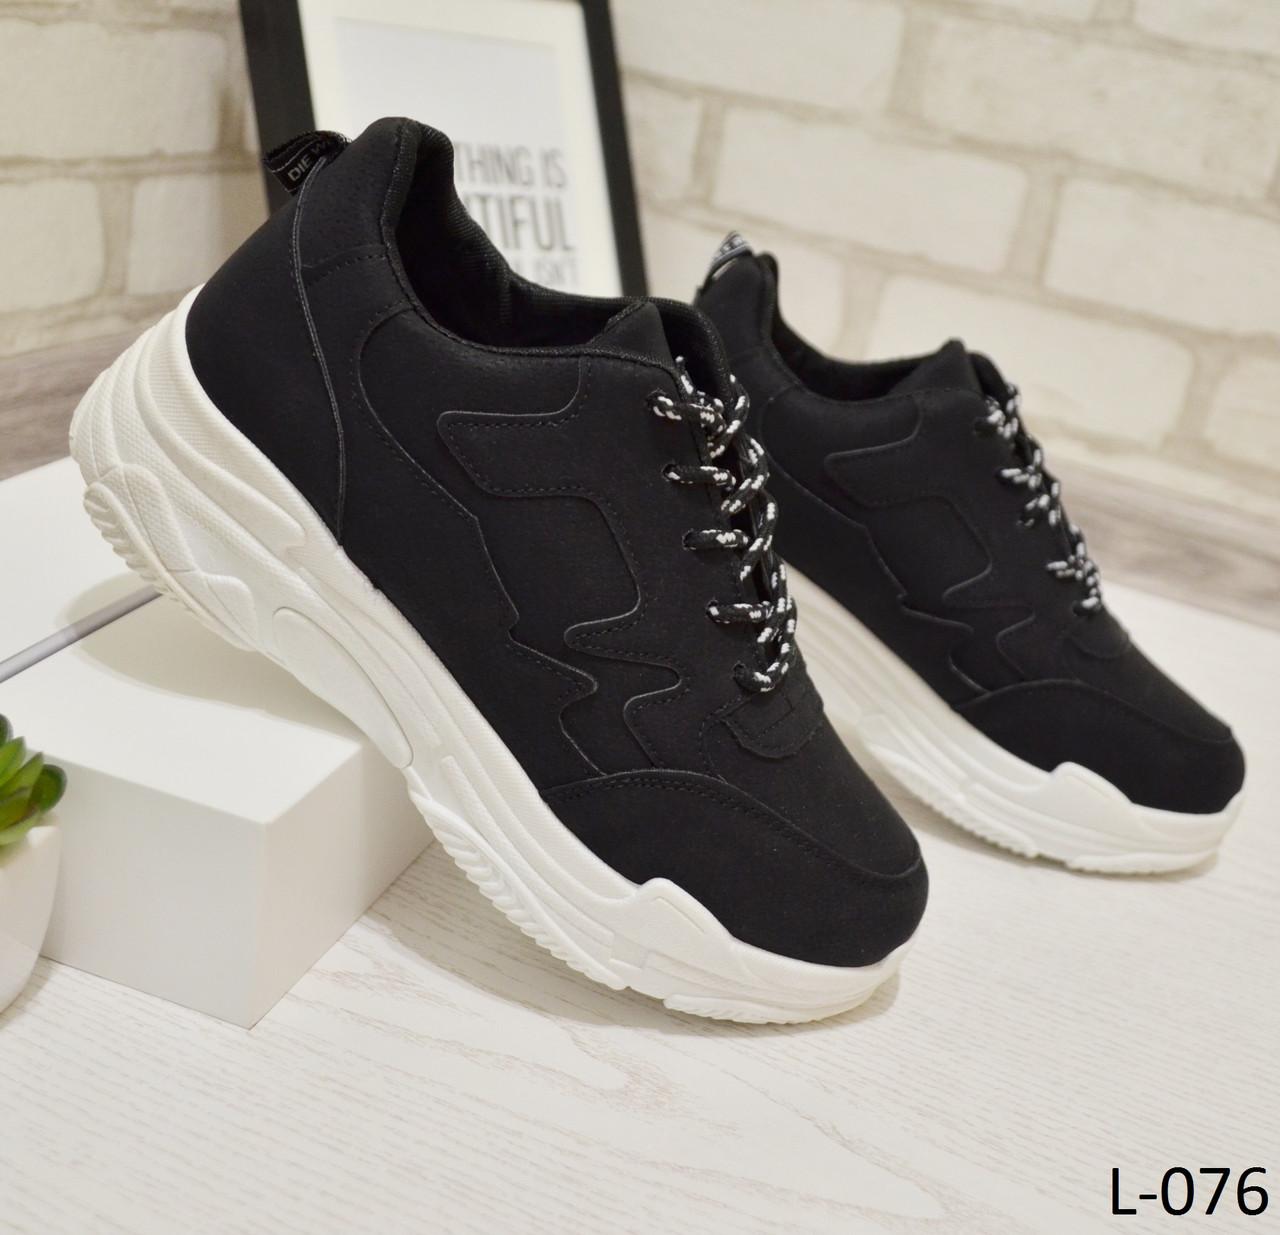 23 см Кроссовки женские черные на толстой подошве, толстая подошва, на платформе